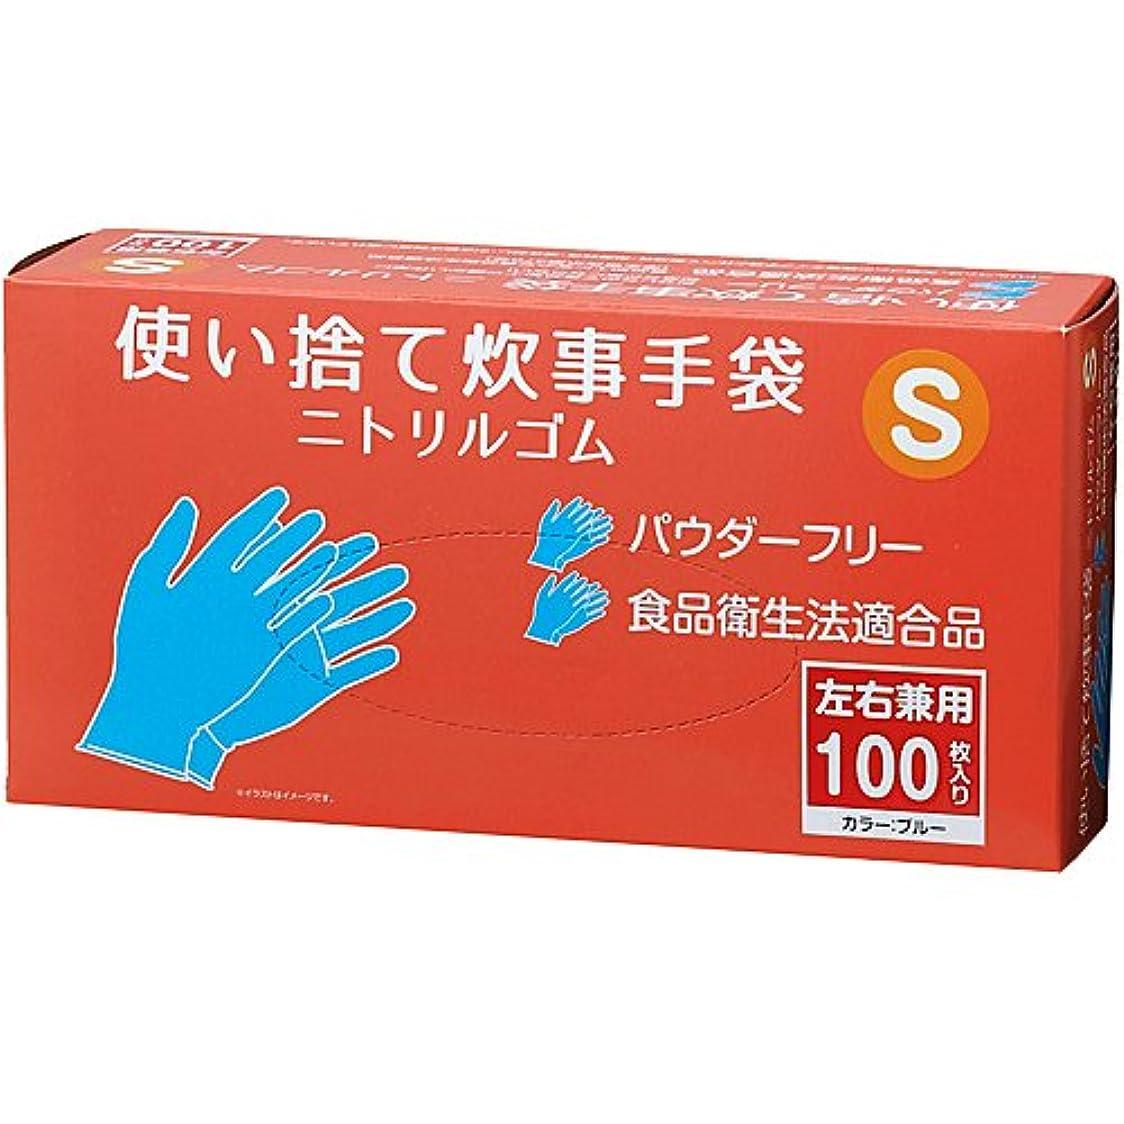 接続詞工場人柄コーナンオリジナル 使い捨て炊事手袋 ニトリルゴム 100枚入り S KFY05-1142